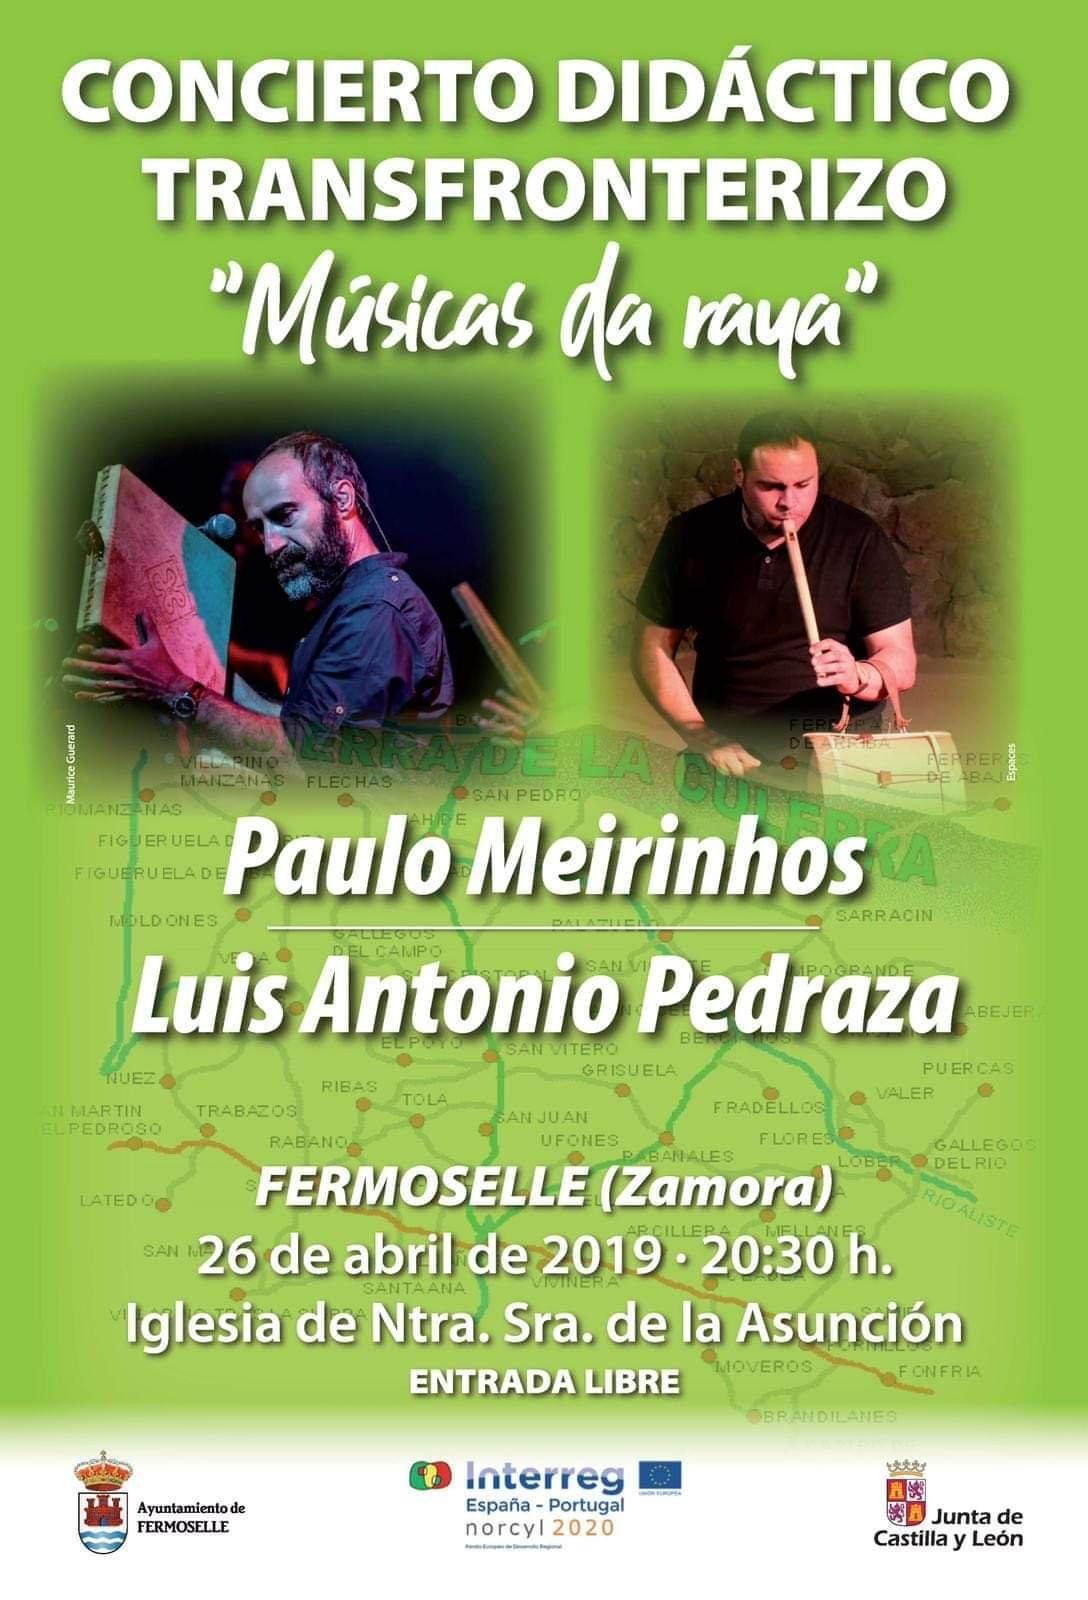 Concierto didáctico transfronterizo 2019 - Fermoselle (Zamora)